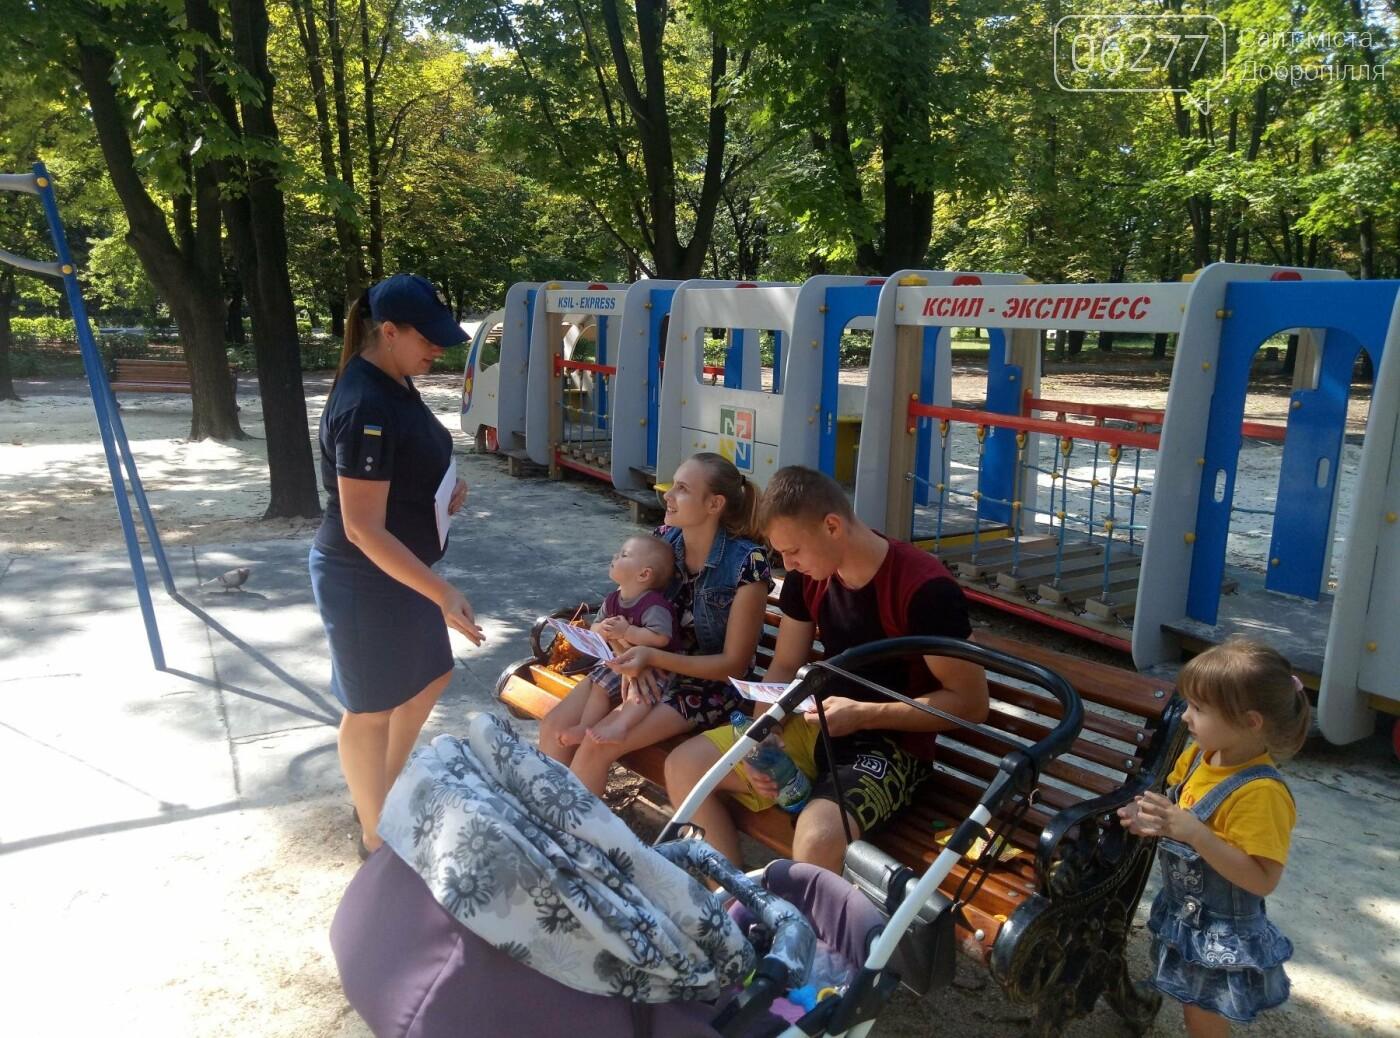 Рятувальники Добропілля продовжують проводити профілактичну роботу серед населення з мінної безпеки, фото-2